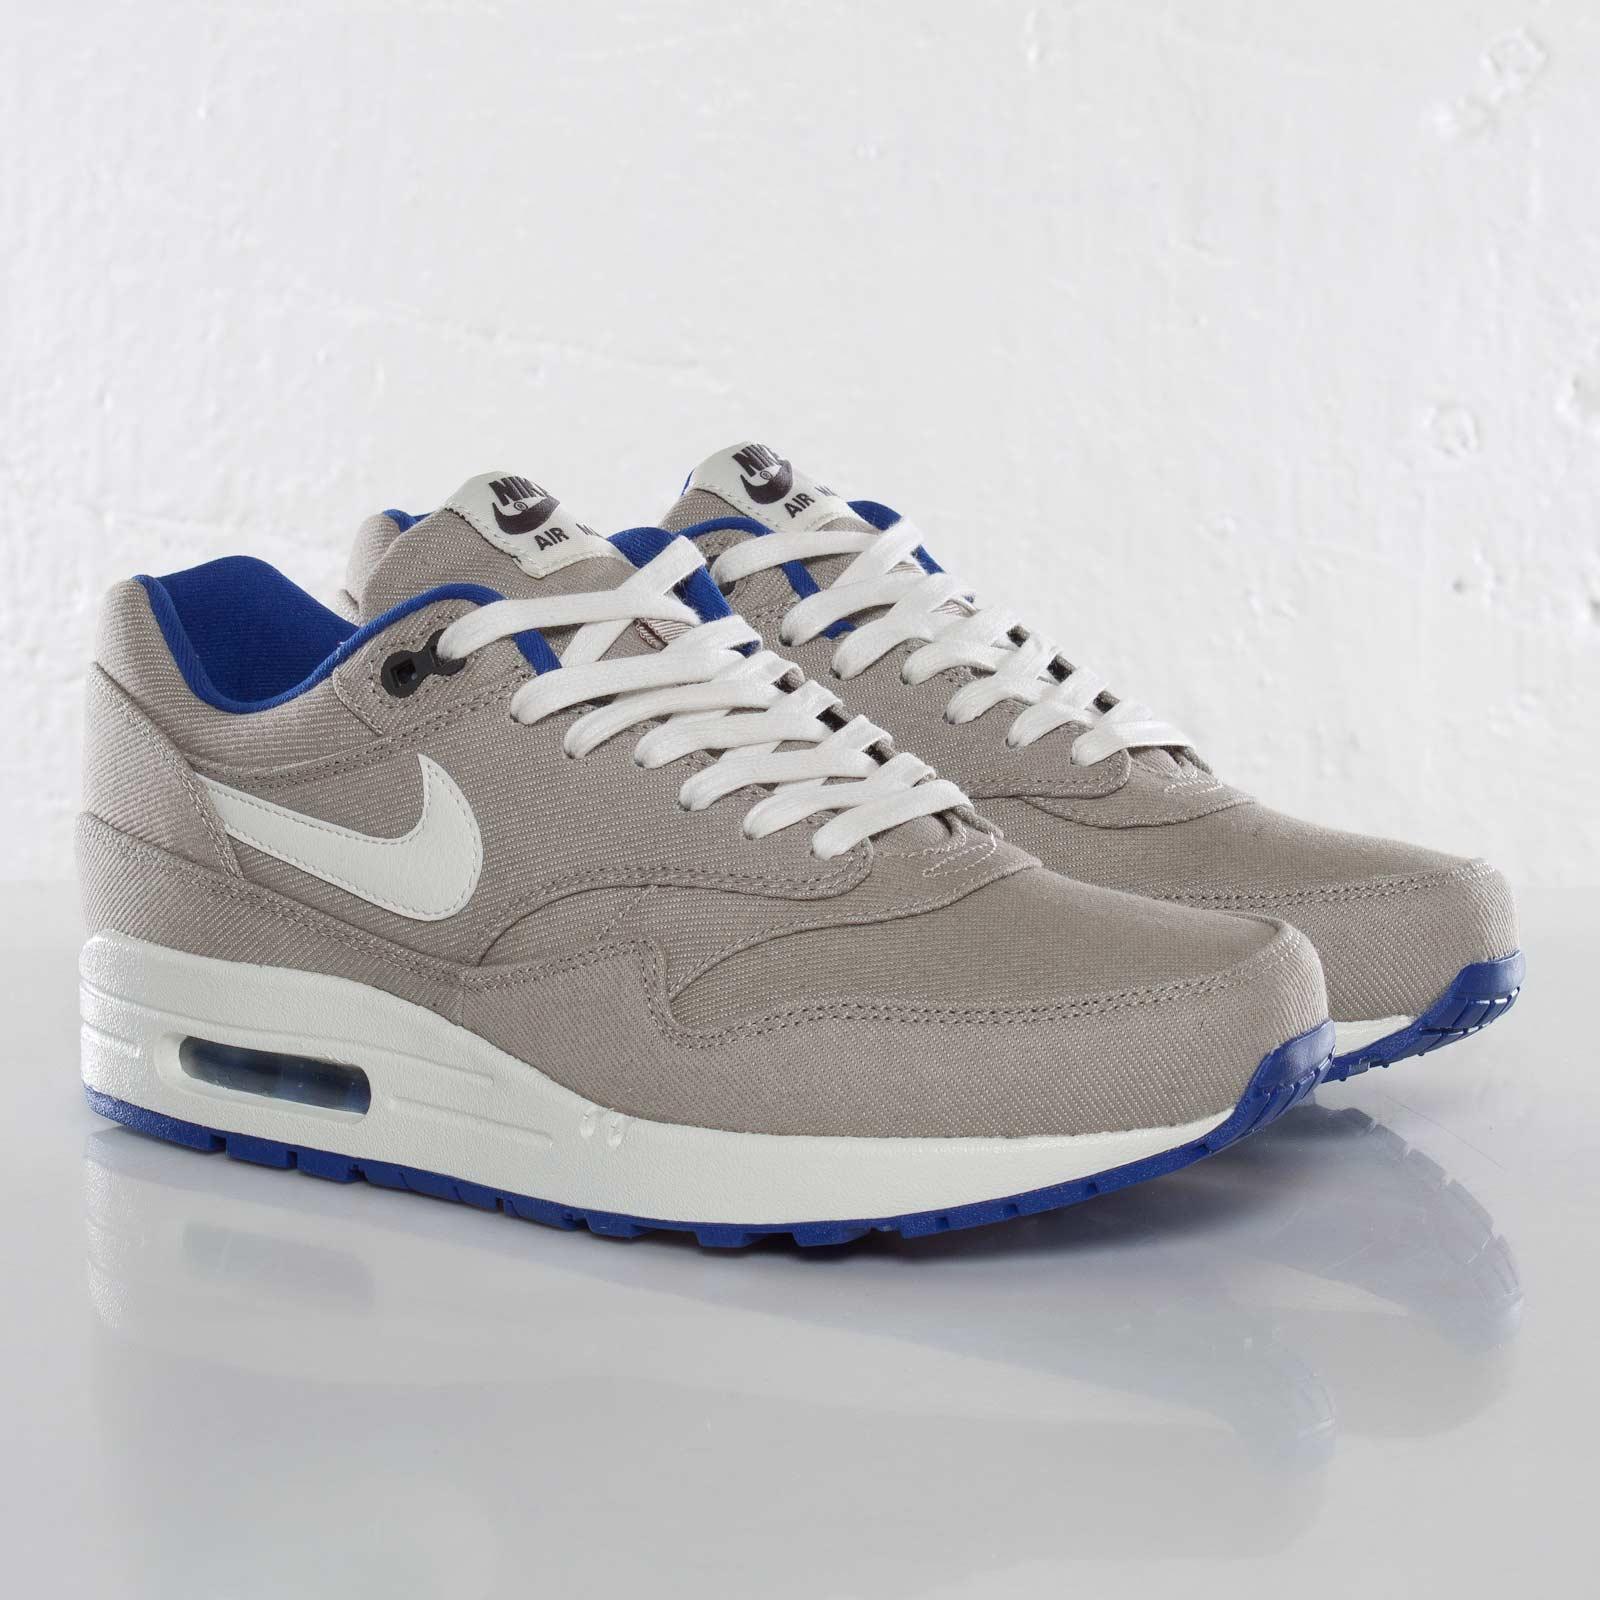 Nike Air Max 1 Premium 512033 040 Sneakersnstuff I